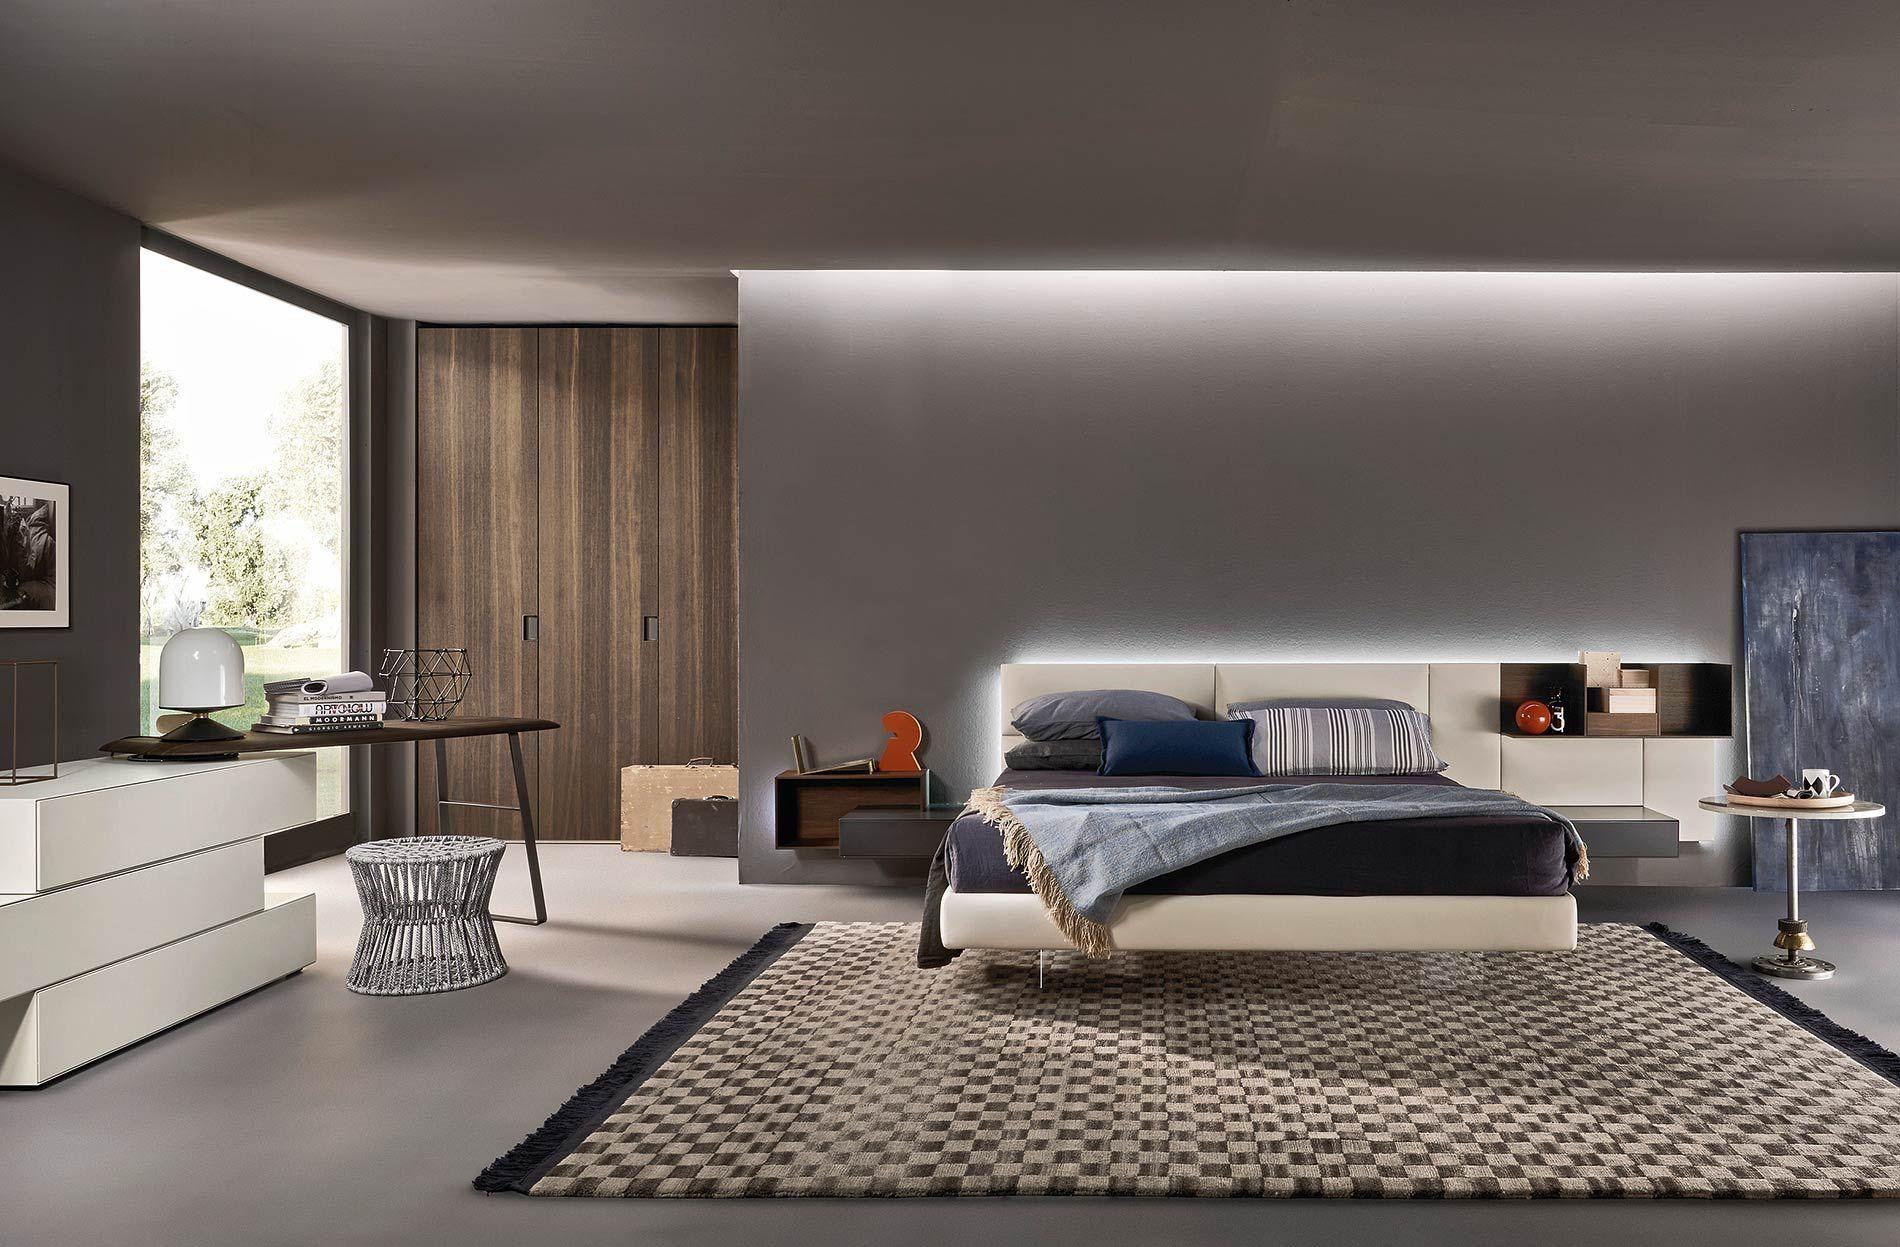 modernes schlafzimmer von livitalia mit schwebendem bett und, Schlafzimmer entwurf